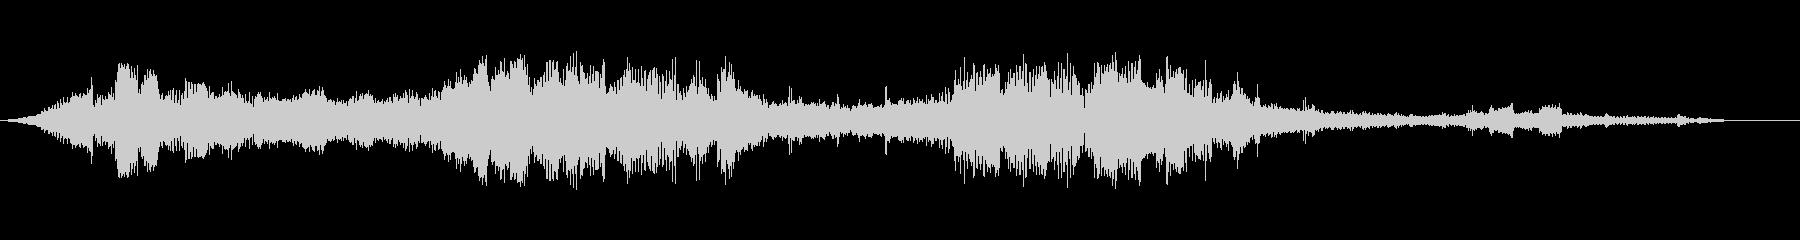 変調されたシンセパルススイープの未再生の波形